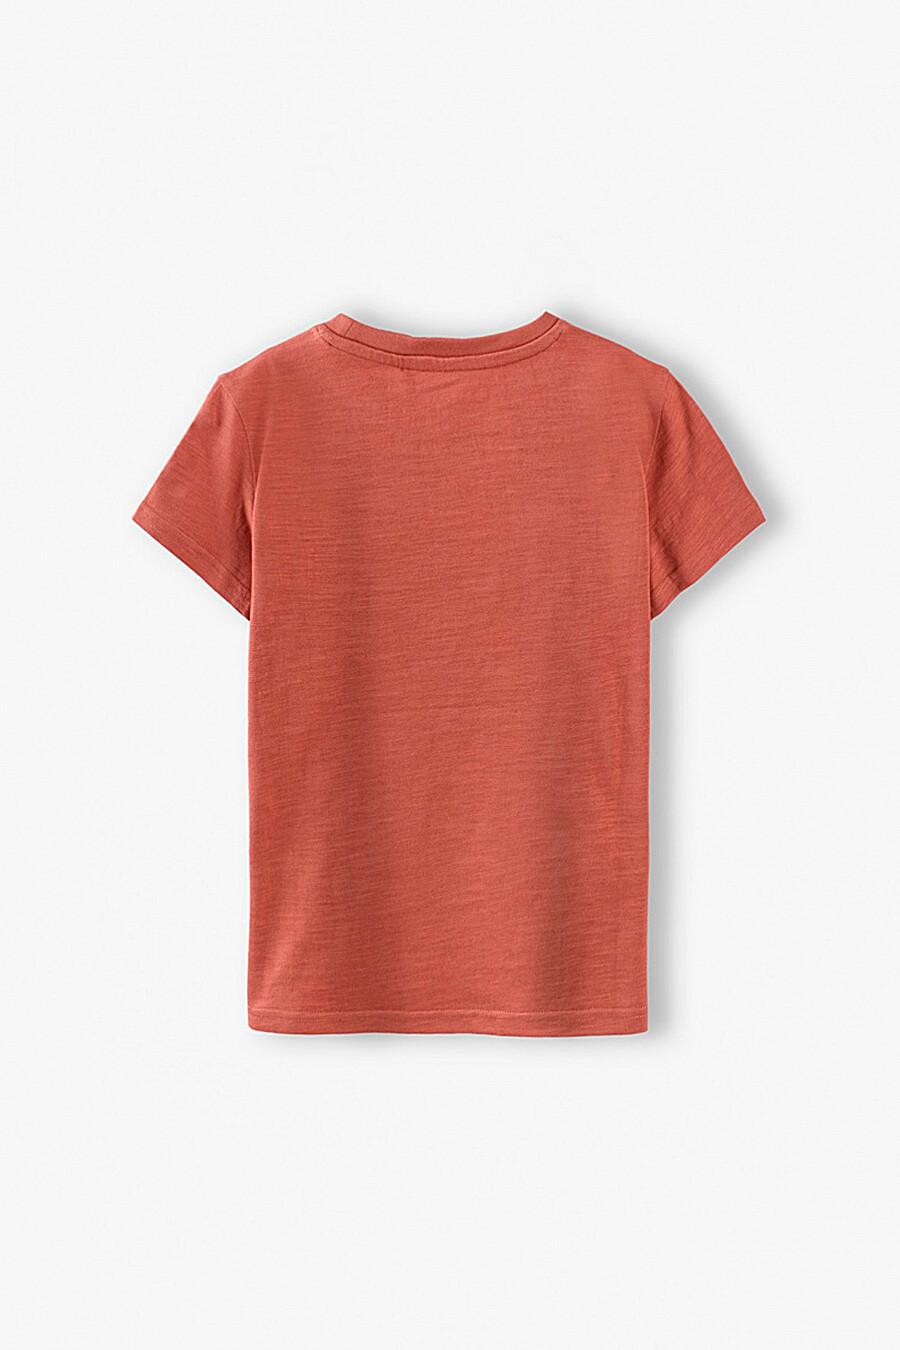 Футболка для мальчиков 5.10.15 668438 купить оптом от производителя. Совместная покупка детской одежды в OptMoyo